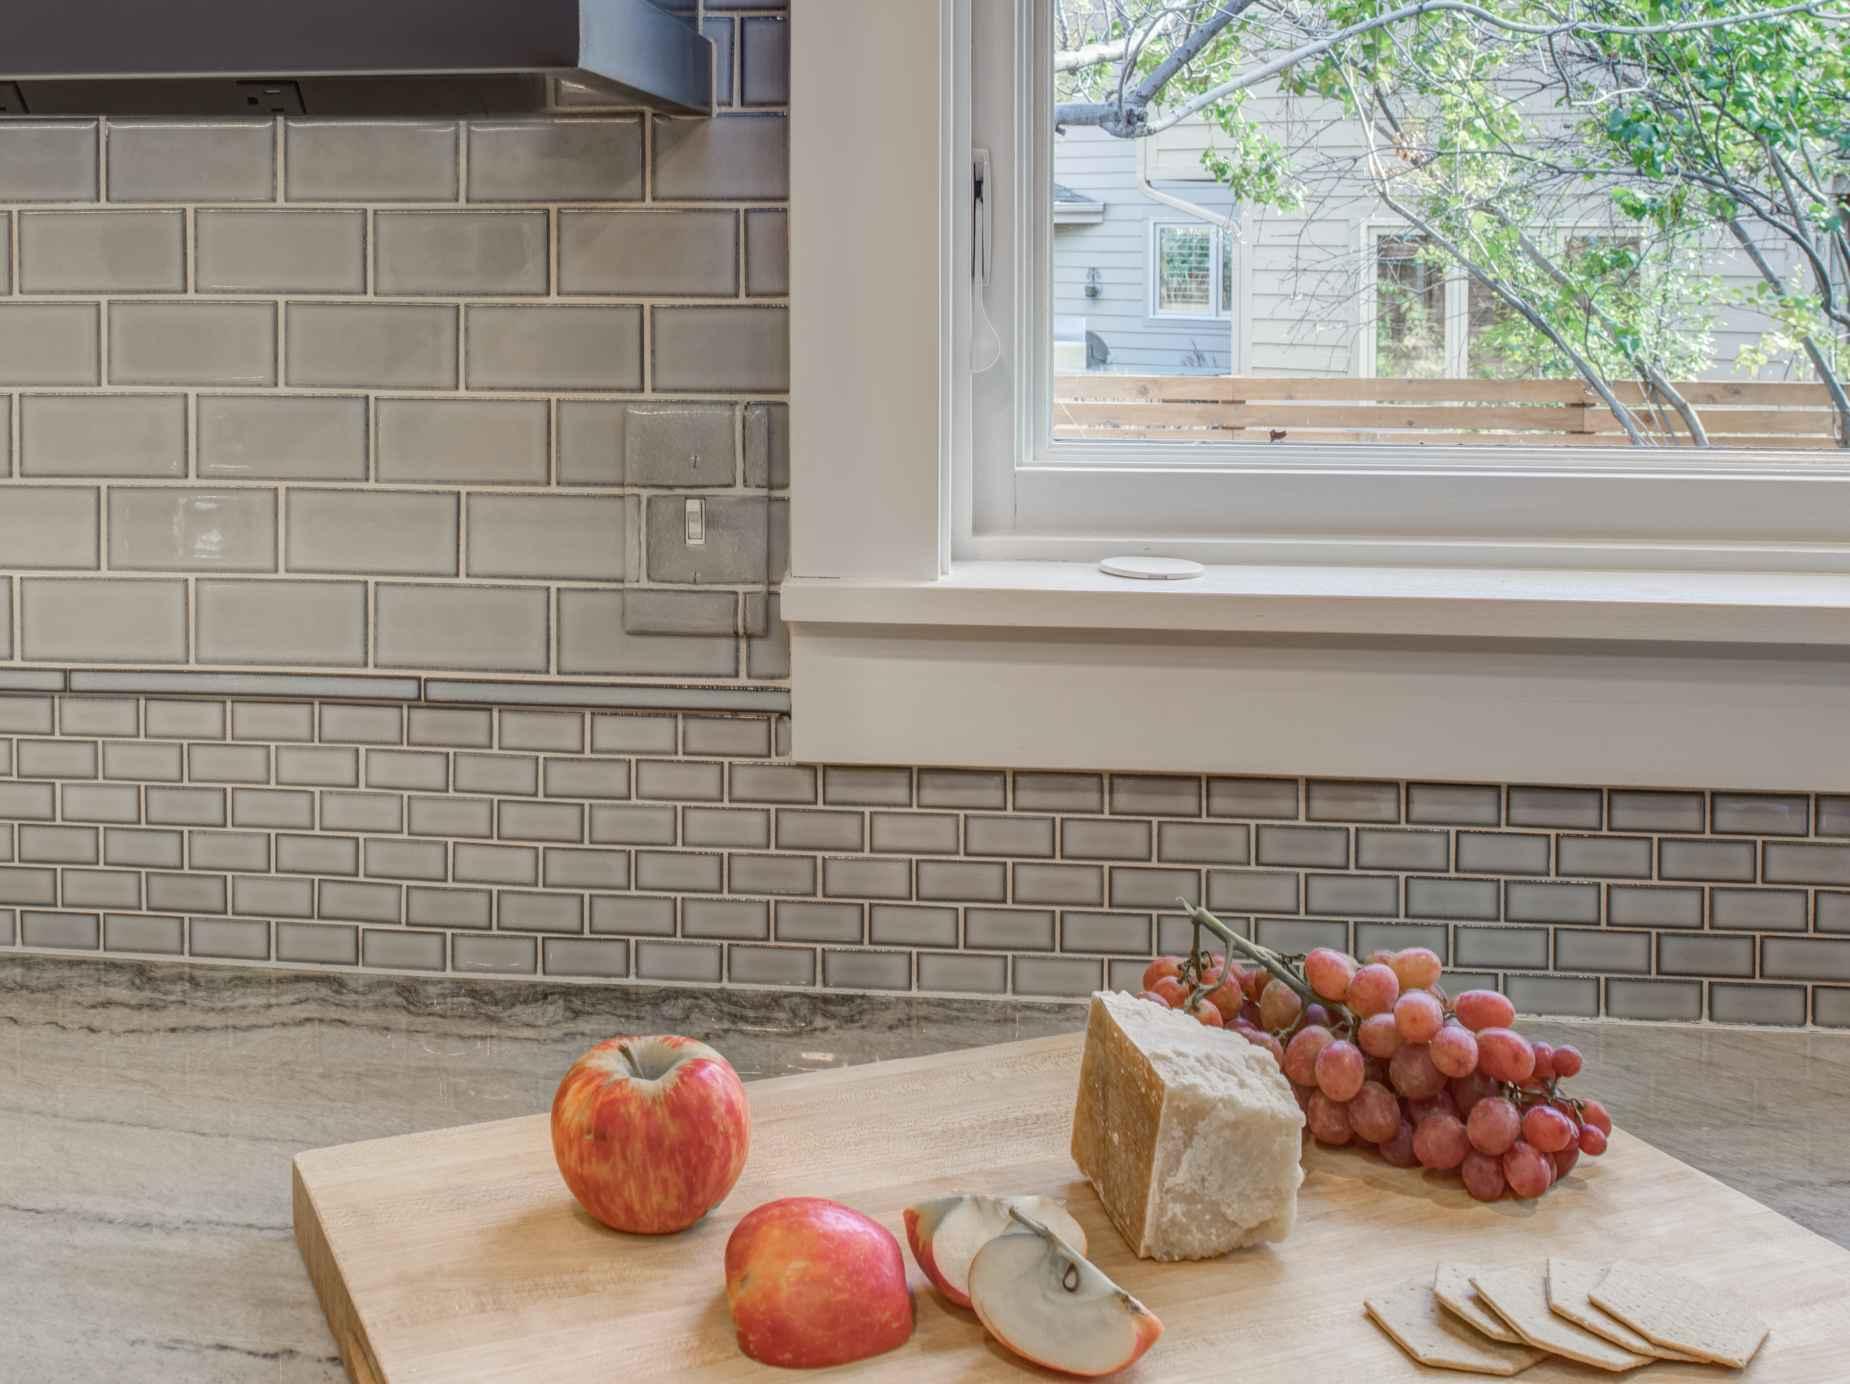 le domaine de chef — sanctuary kitchen and bath design-2.jpg